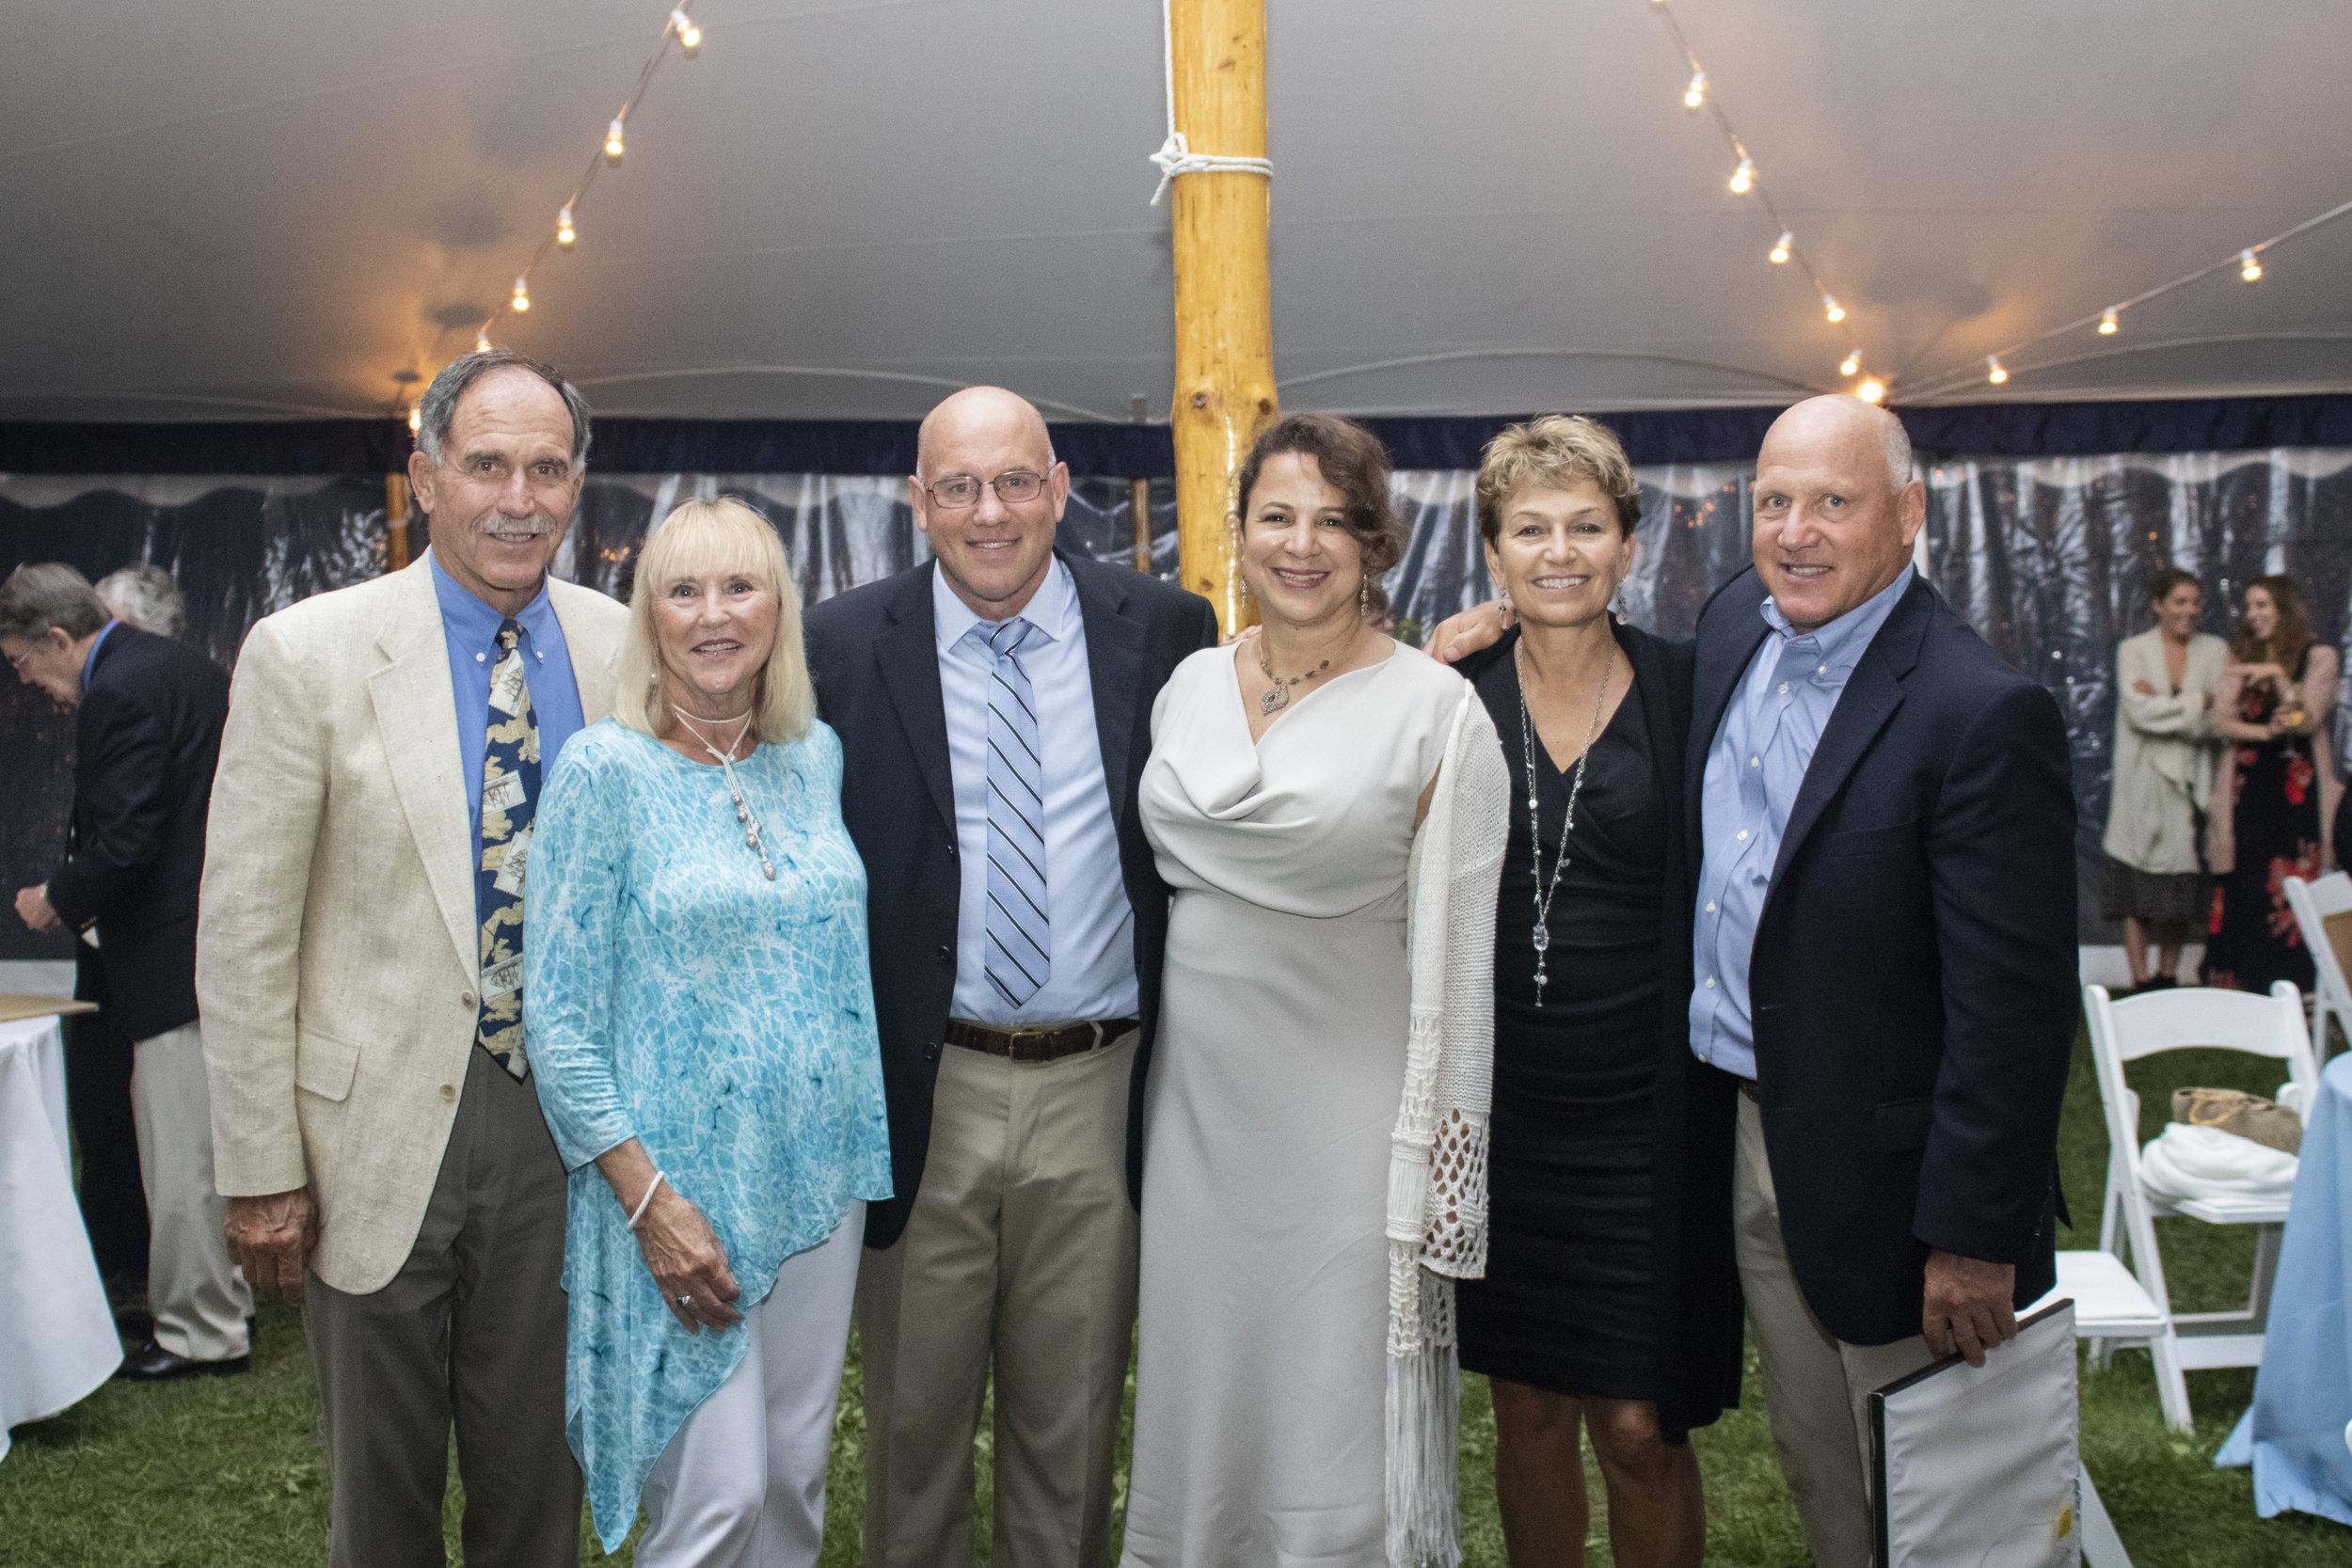 255 - Dan and Sharon Caldwell, Steven and Zulekha Ludwig, Dan and Debra Ludwig.jpg